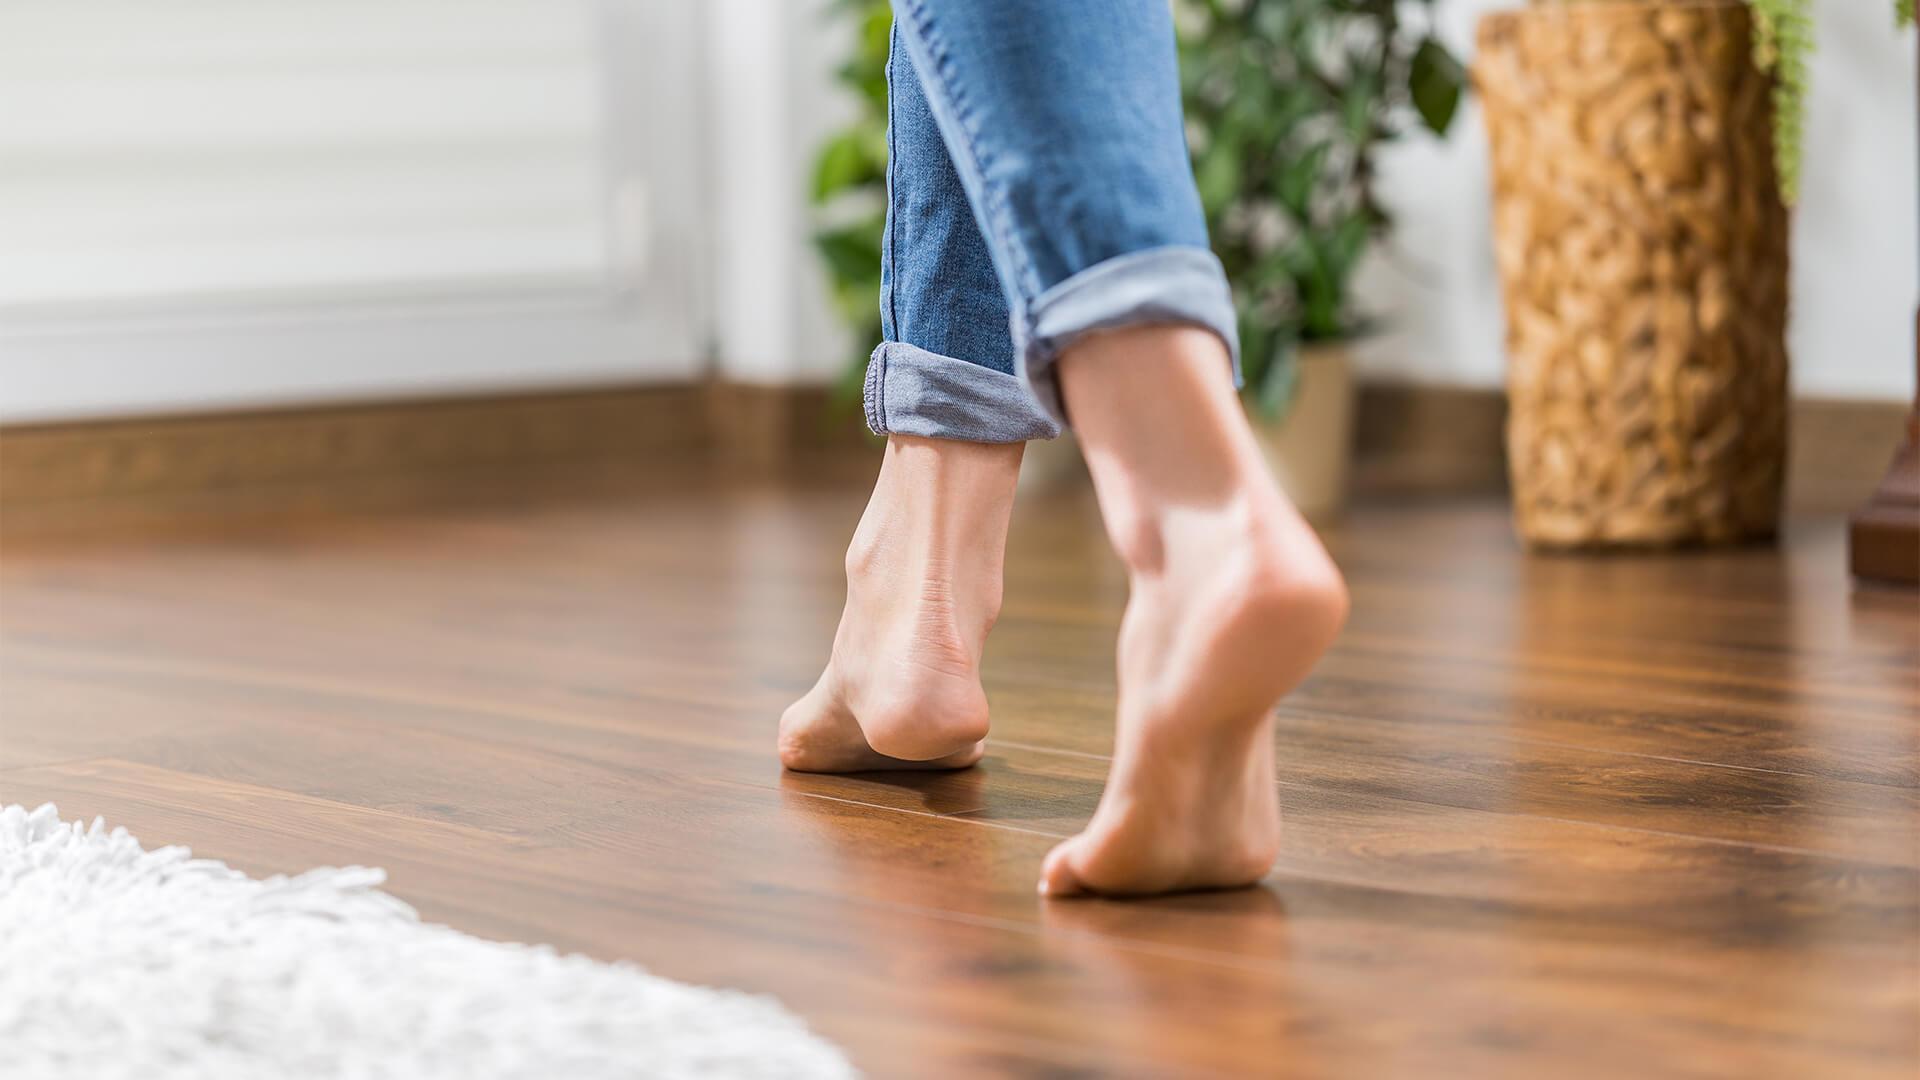 Top 8 Benefits Of Solid Hardwood Flooring - Build Magazine